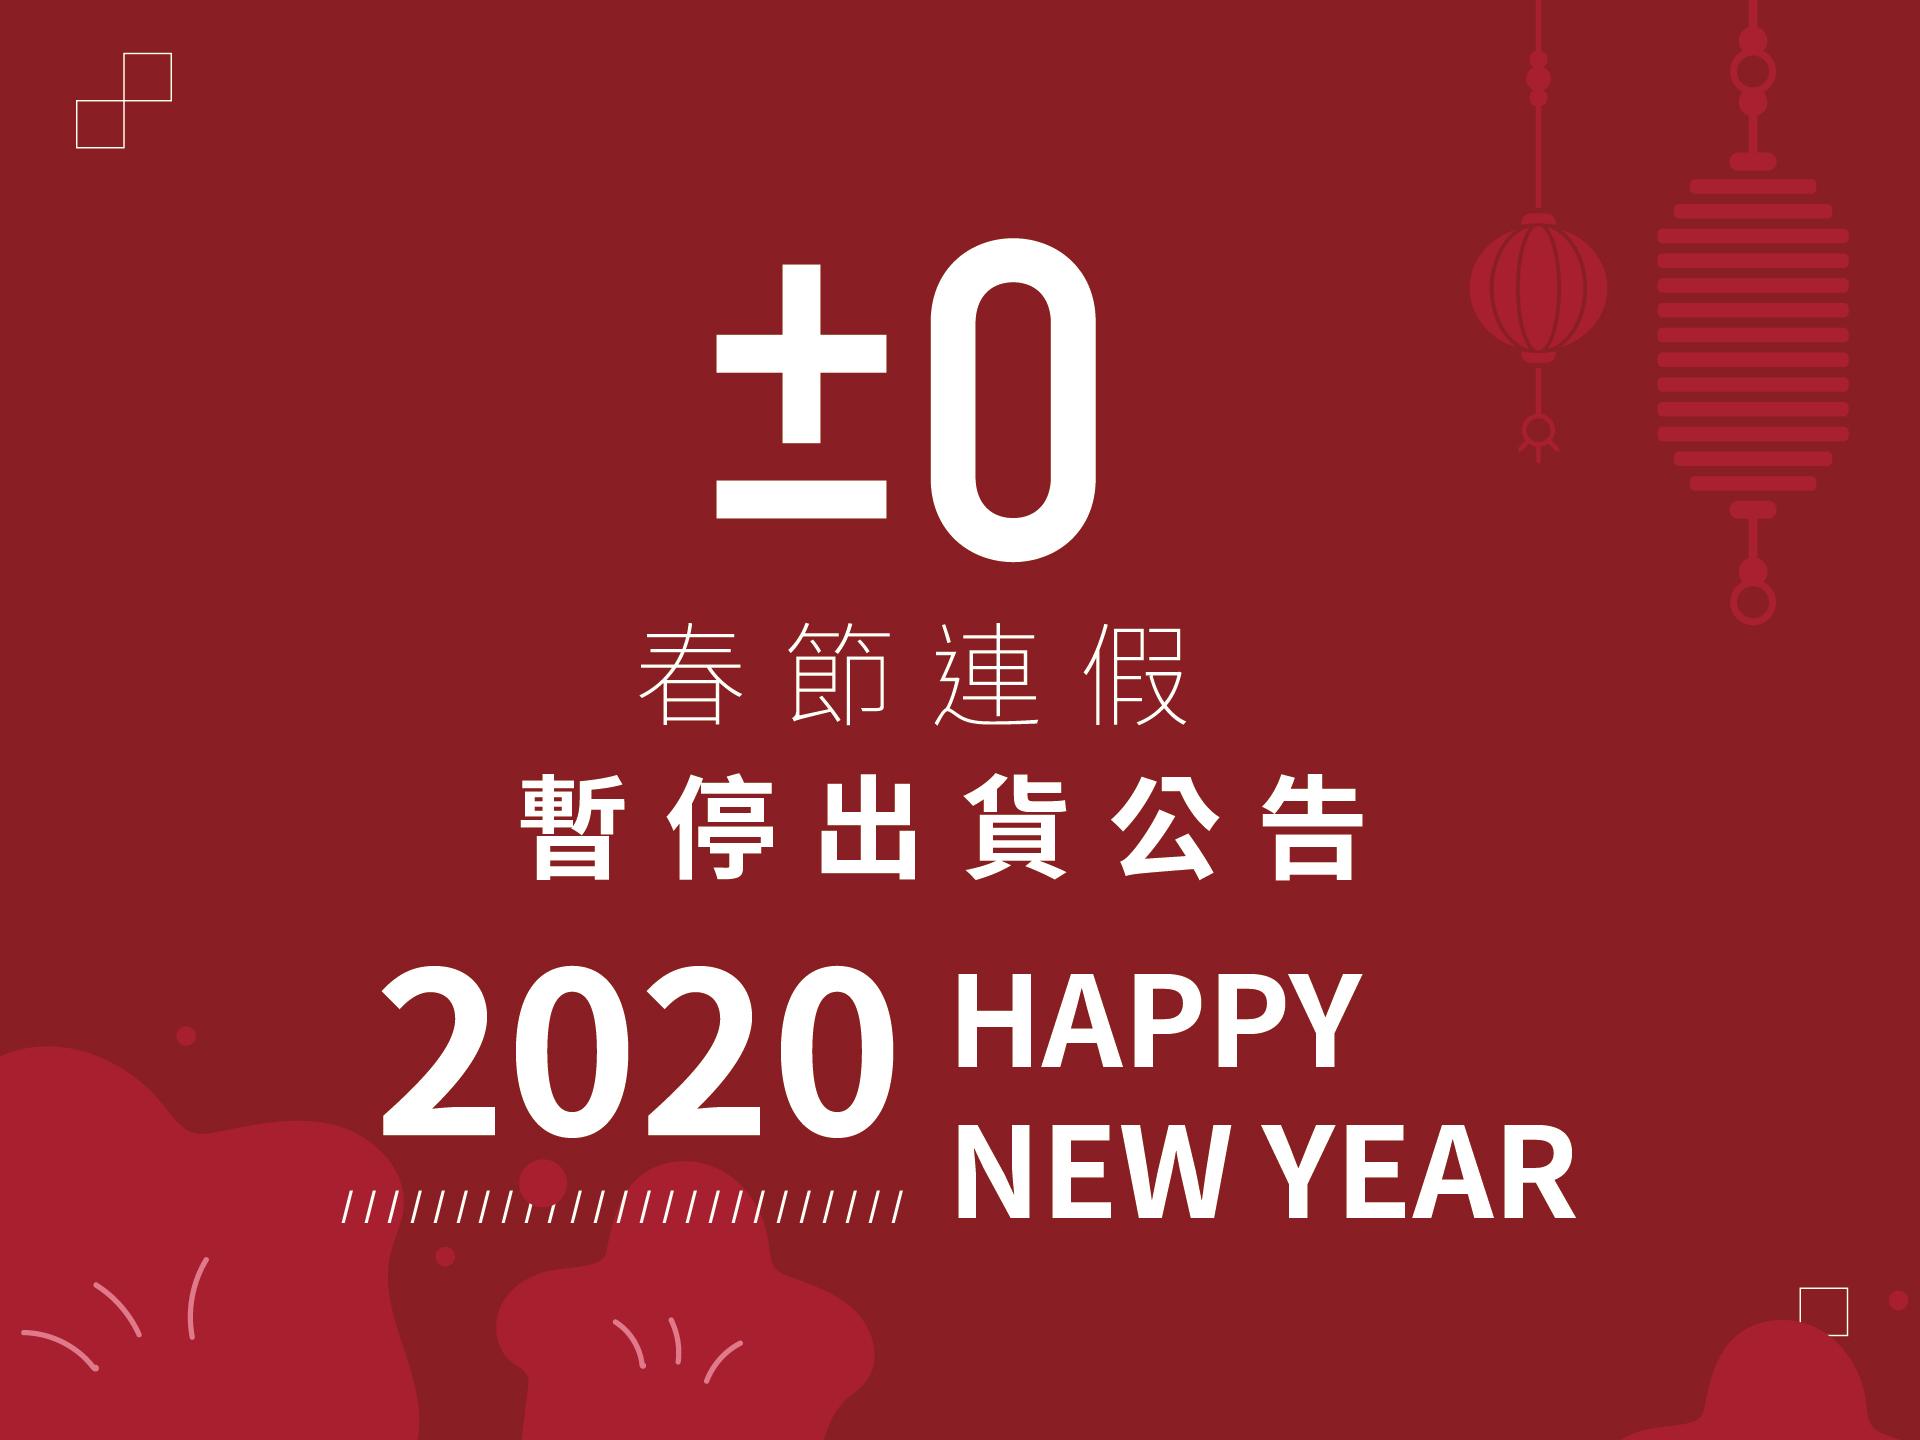 【重要訊息】2020春節假期 出貨與客服公告